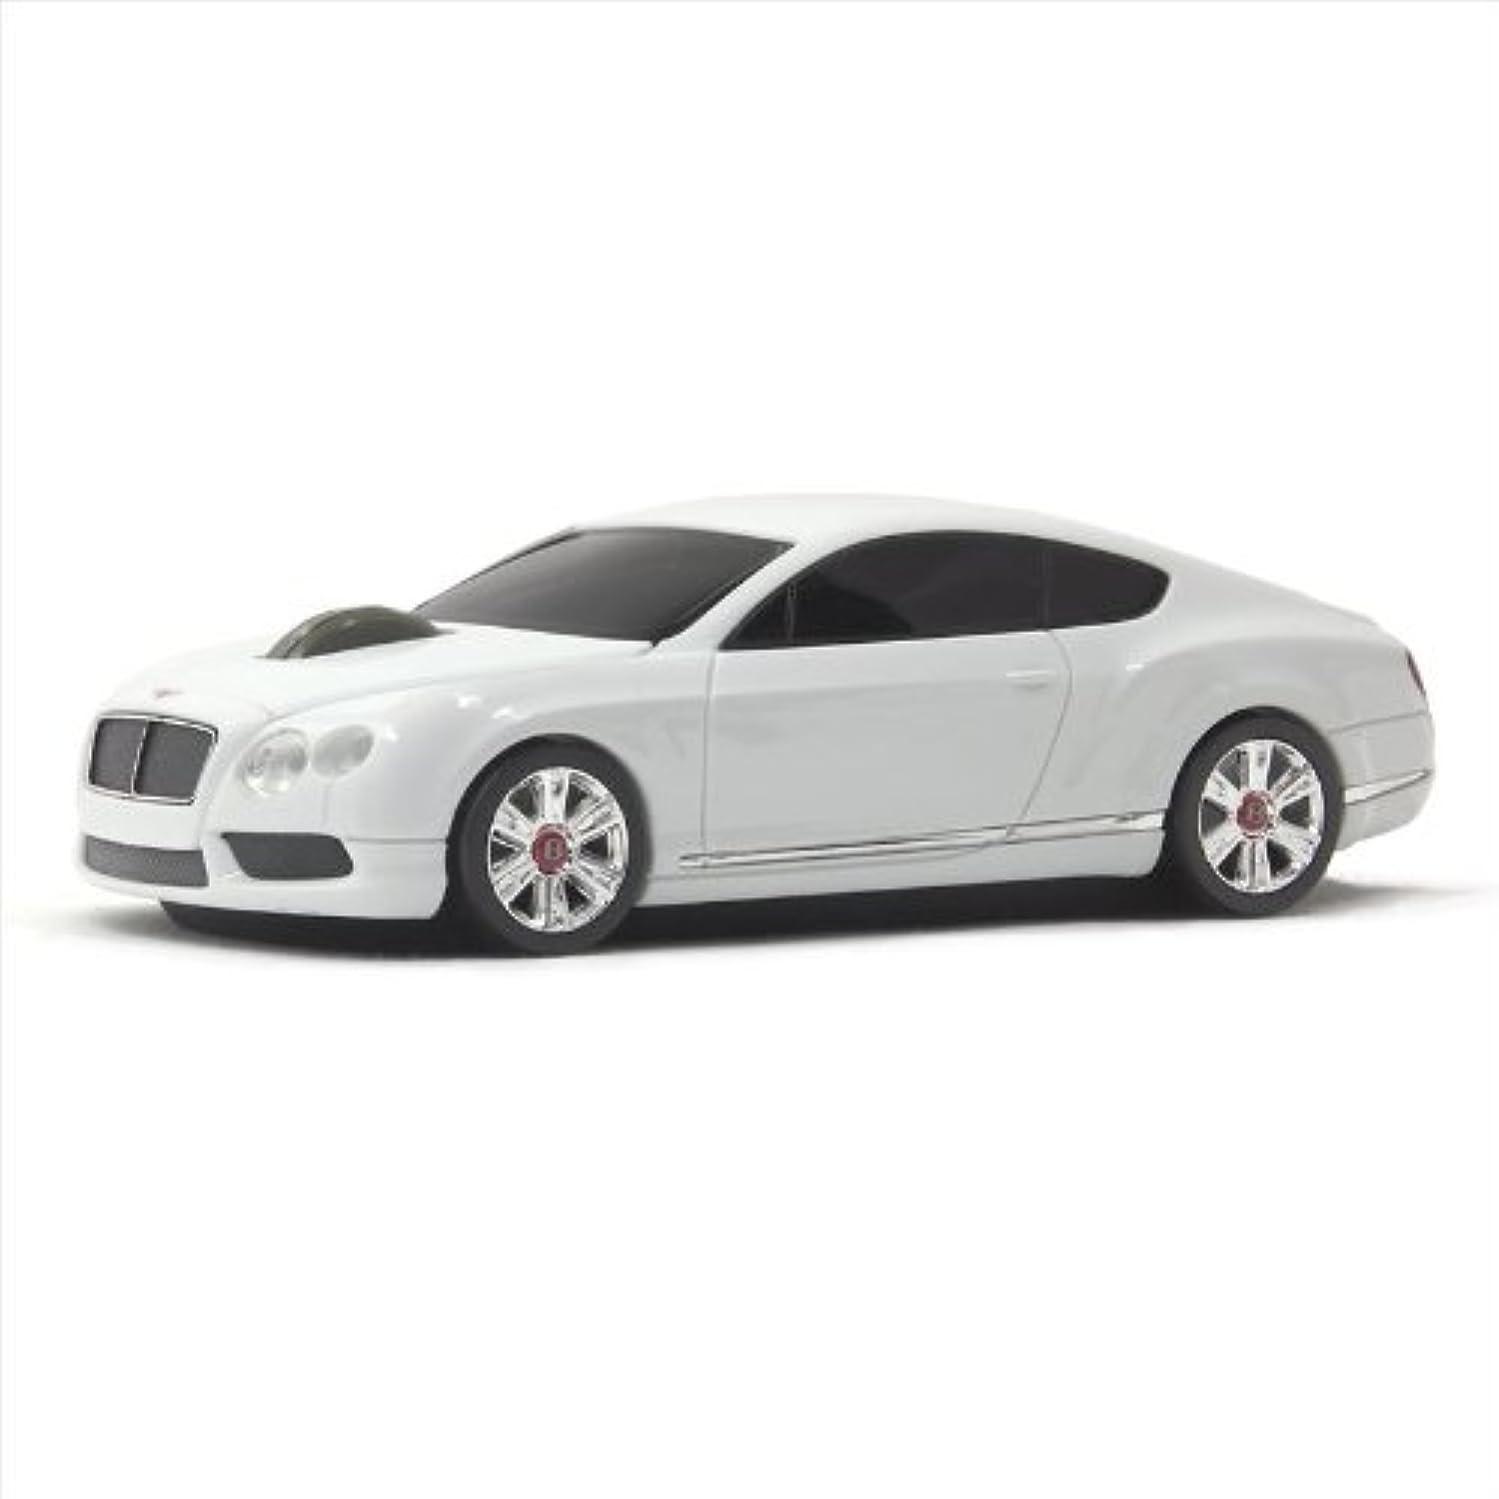 かかわらずひねくれたハッピーLumen ベントレー コンチネンタル ワイヤレス オプティカル カーマウス 1750dpi ホワイト/Bentley Continental GT V8 Wireless Optical Car Mouse Blue Eye Engine BT-GTV8-WH